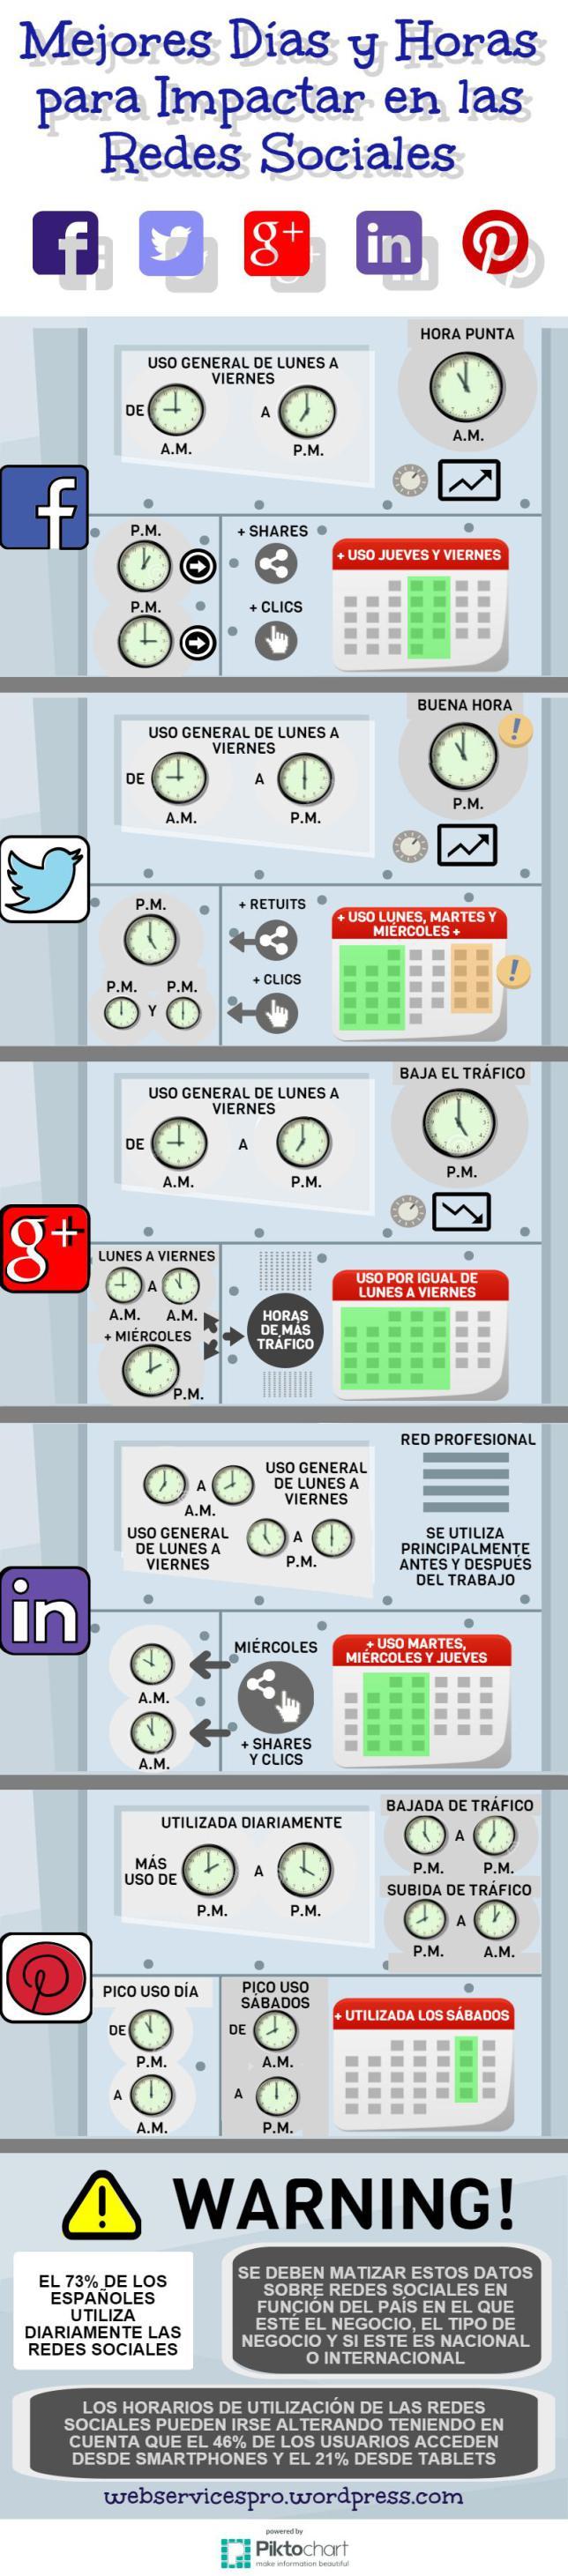 Mejores días y horas para impactar en las Redes Sociales